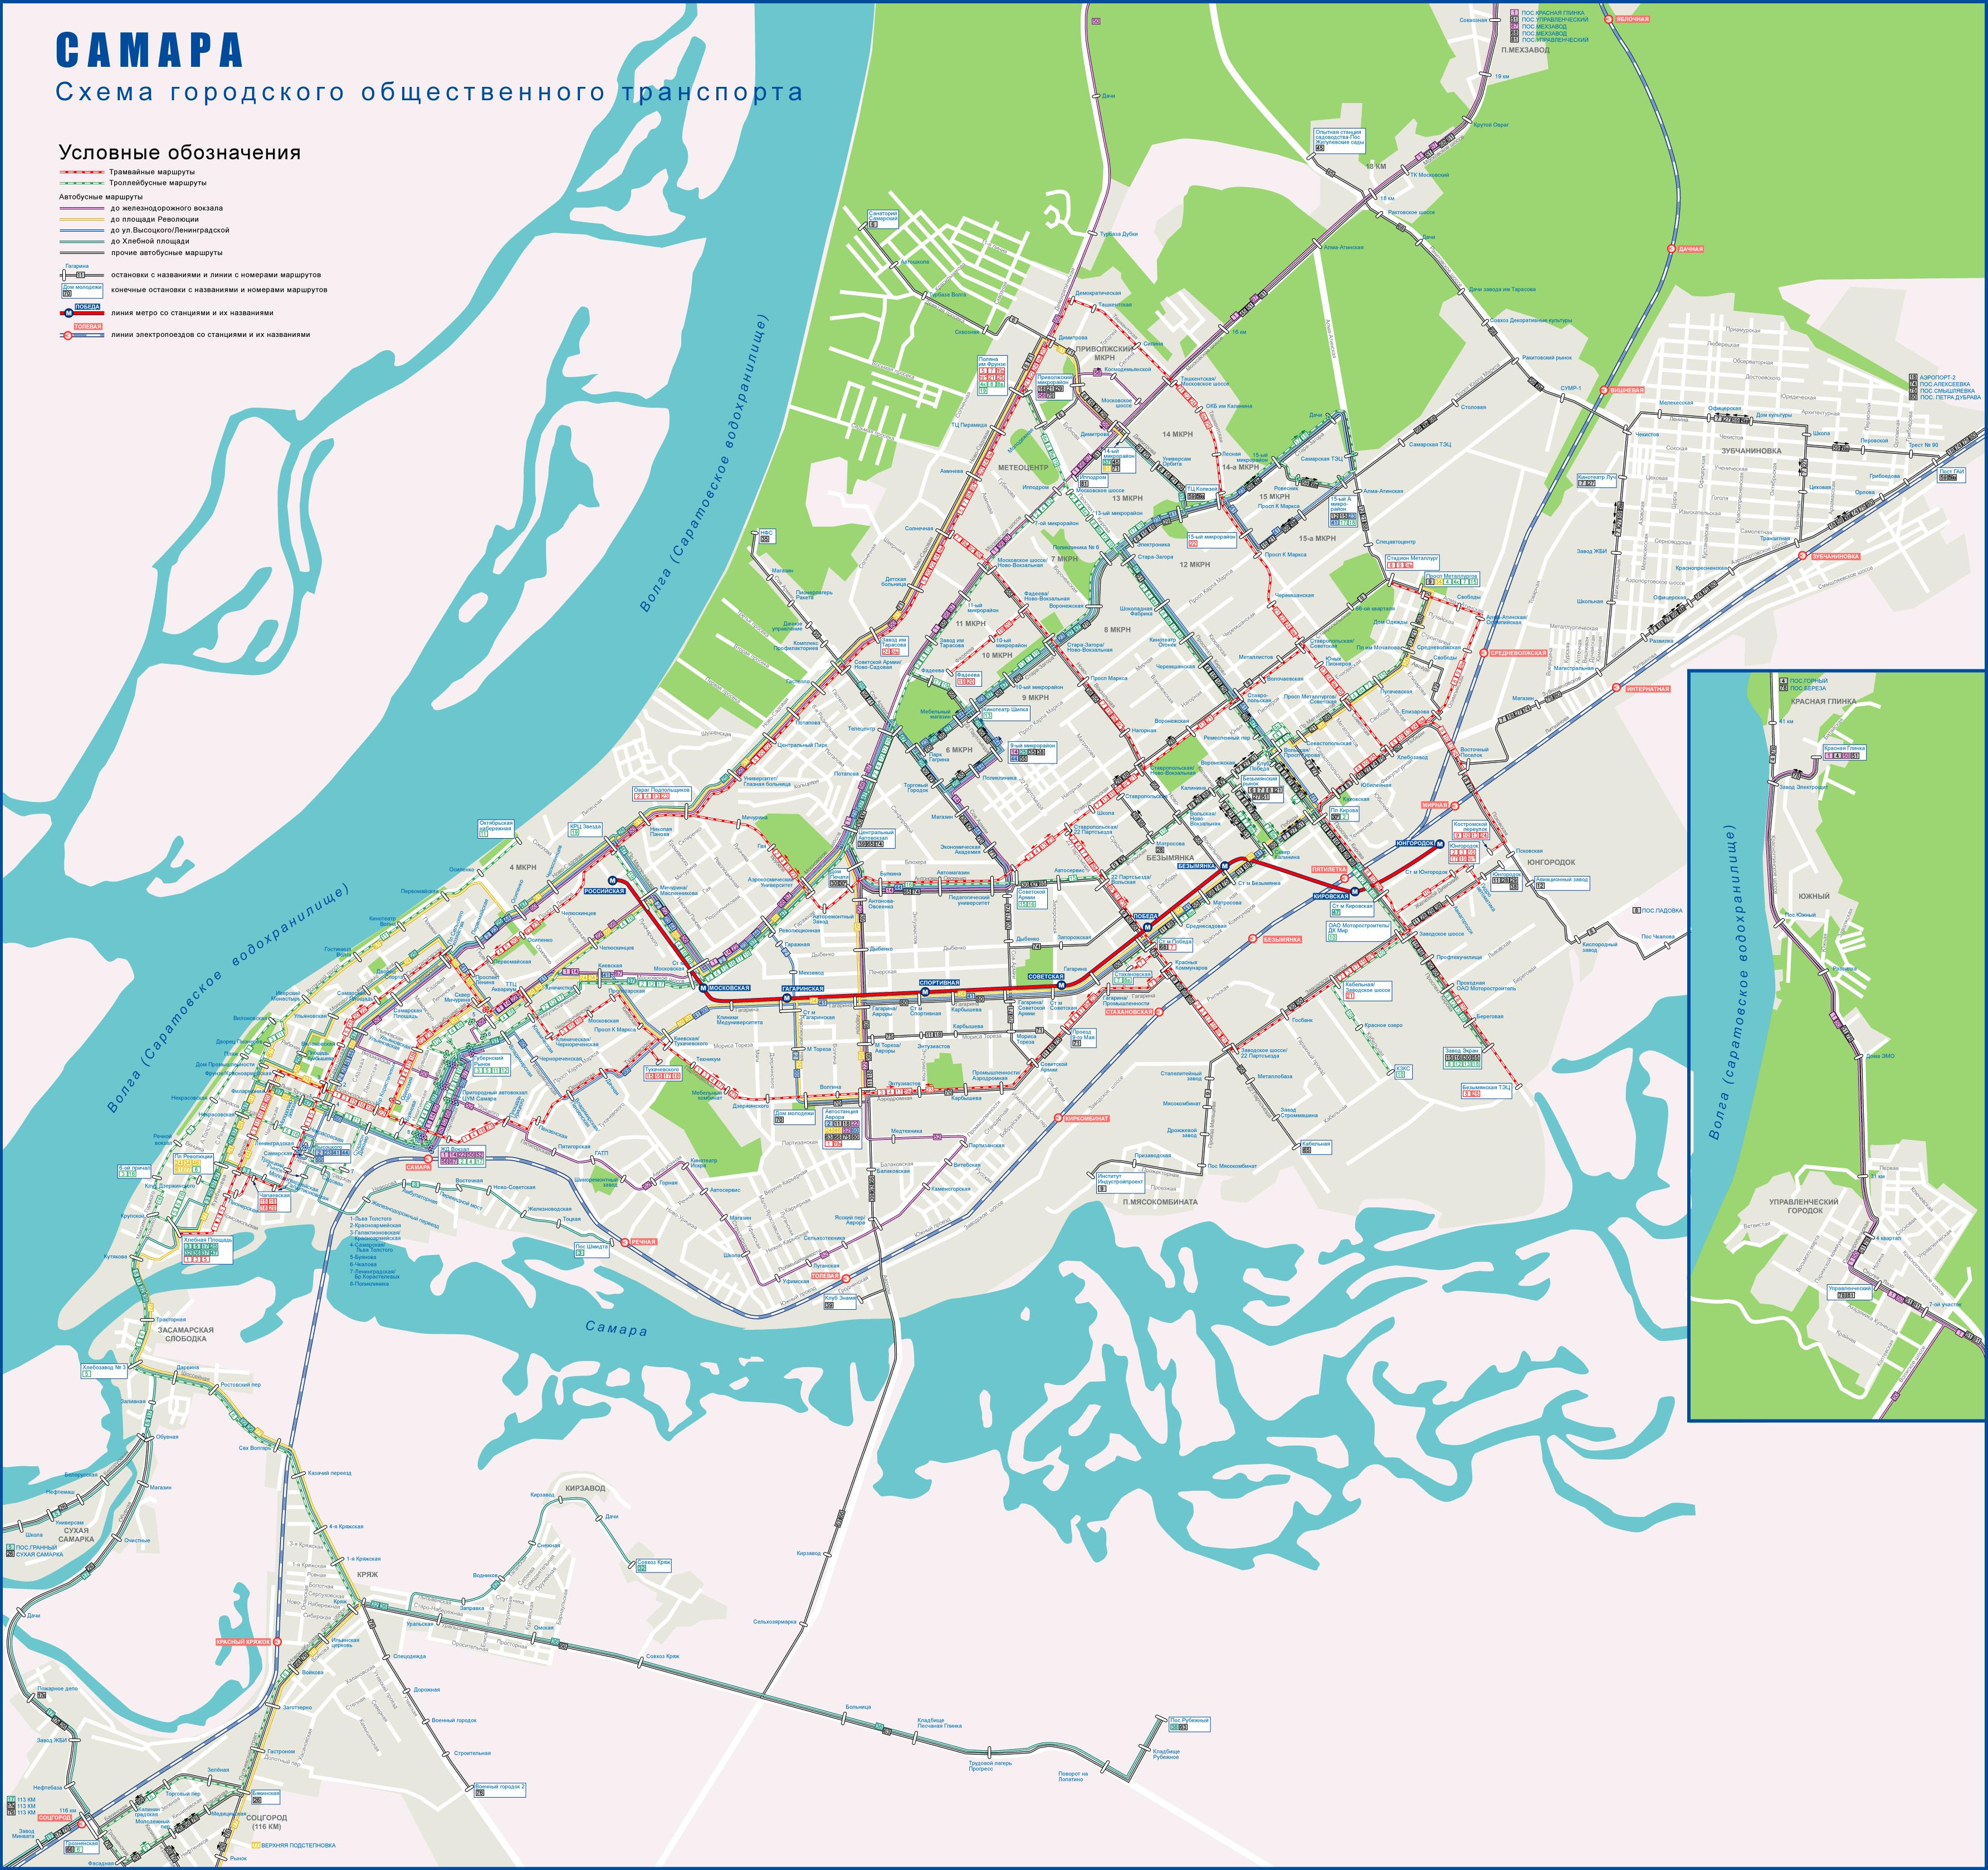 Тольятти маршрутки схема